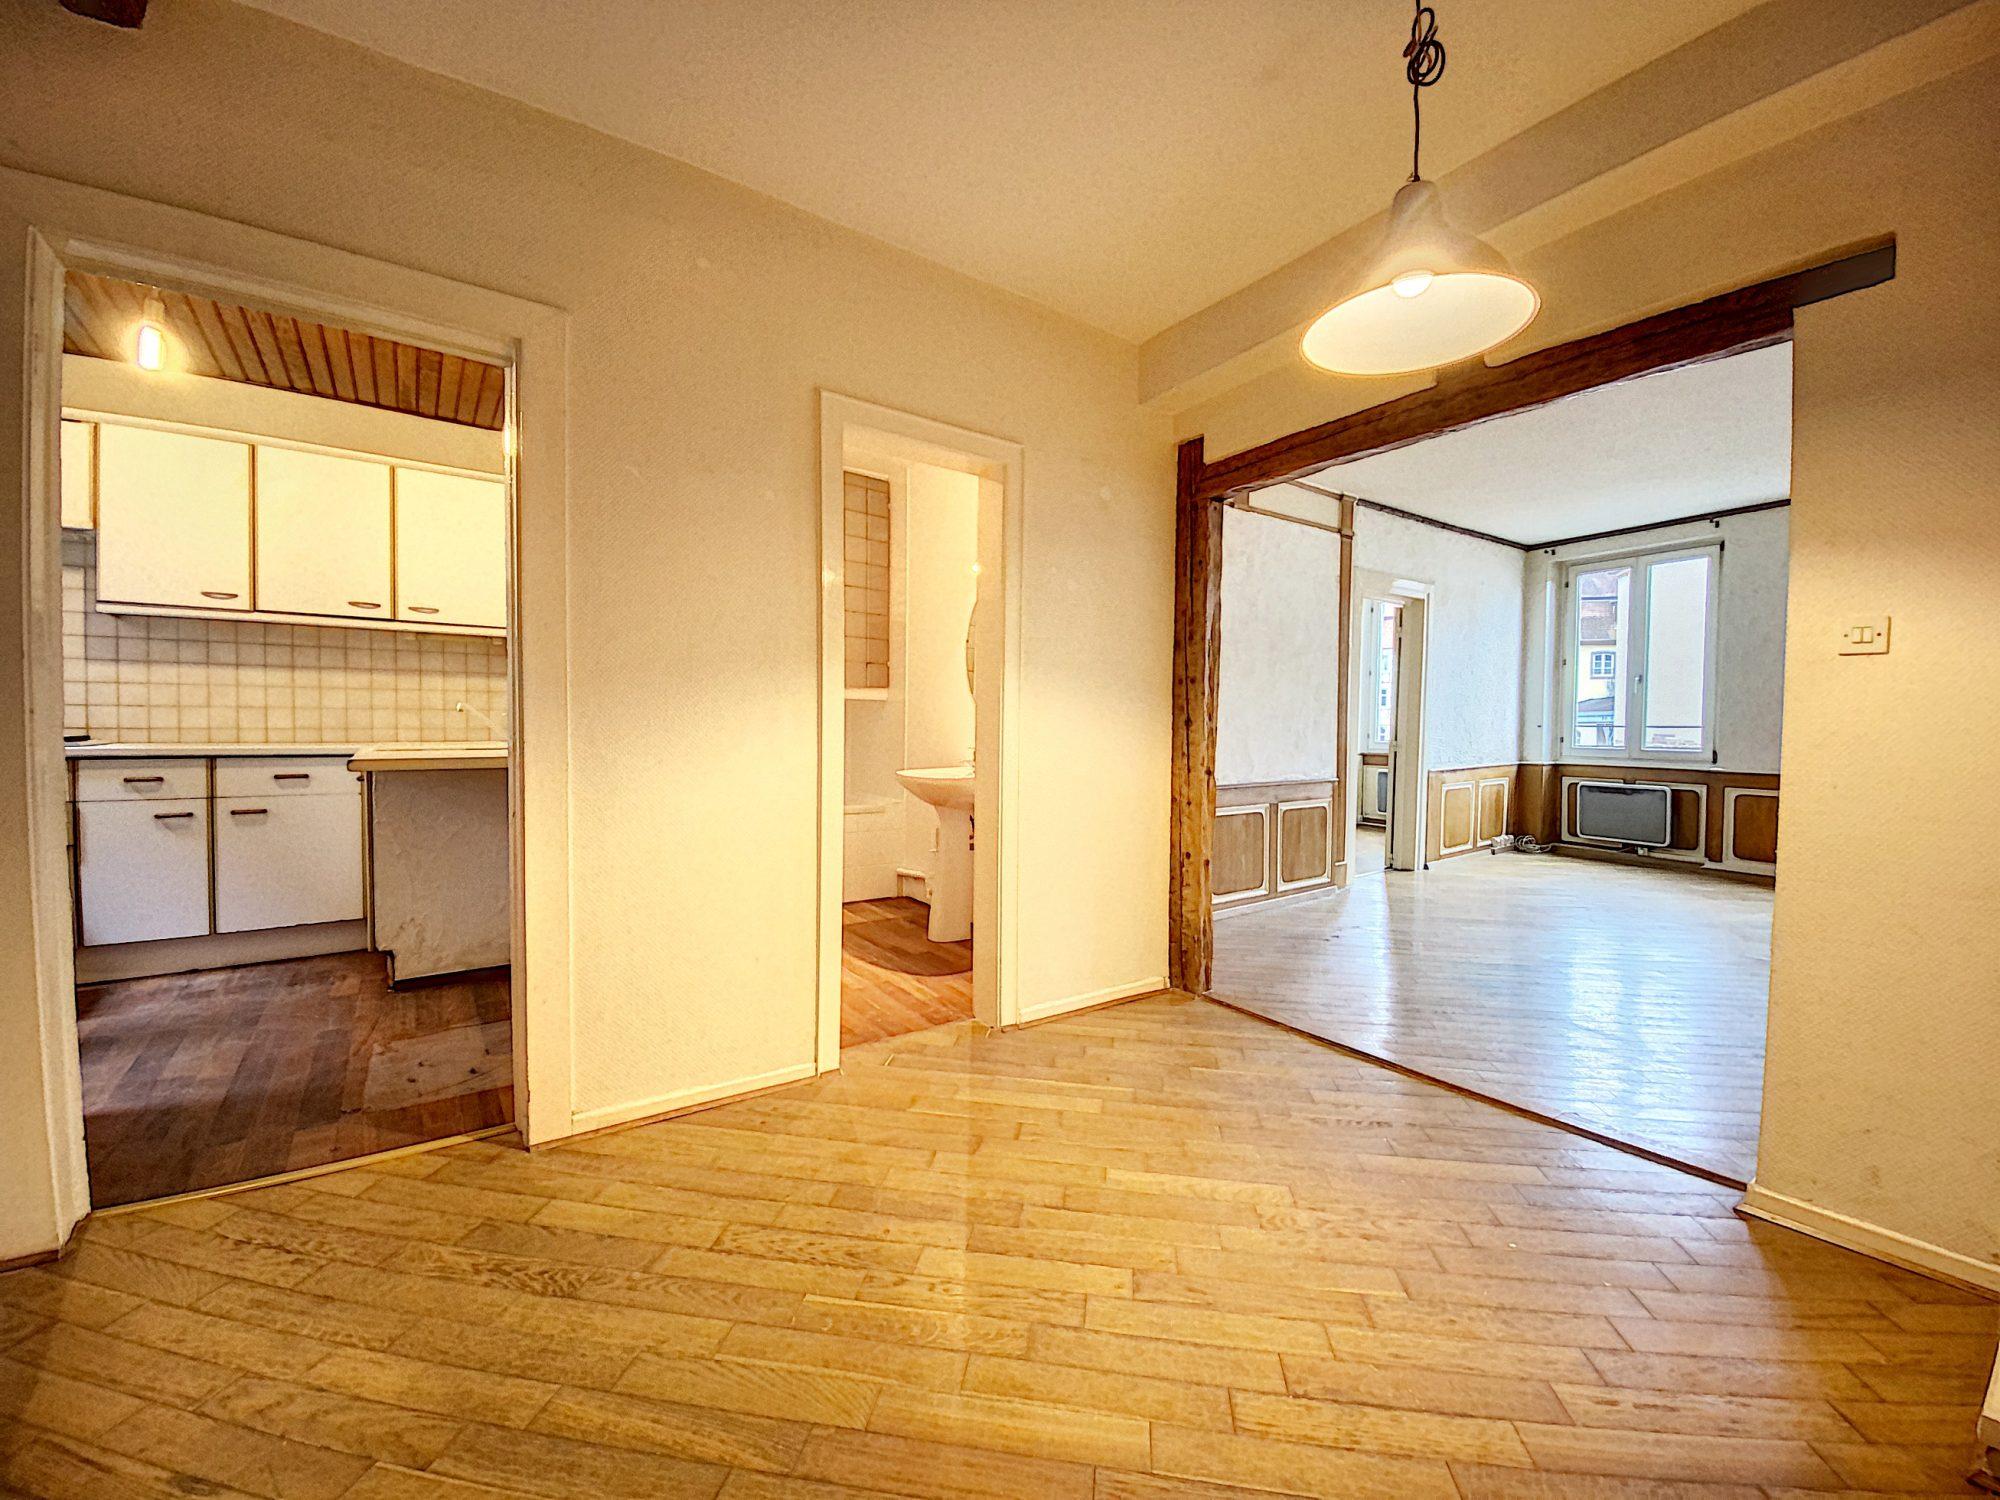 T2 PETITE FRANCE - Devenez locataire en toute sérénité - Bintz Immobilier - 2